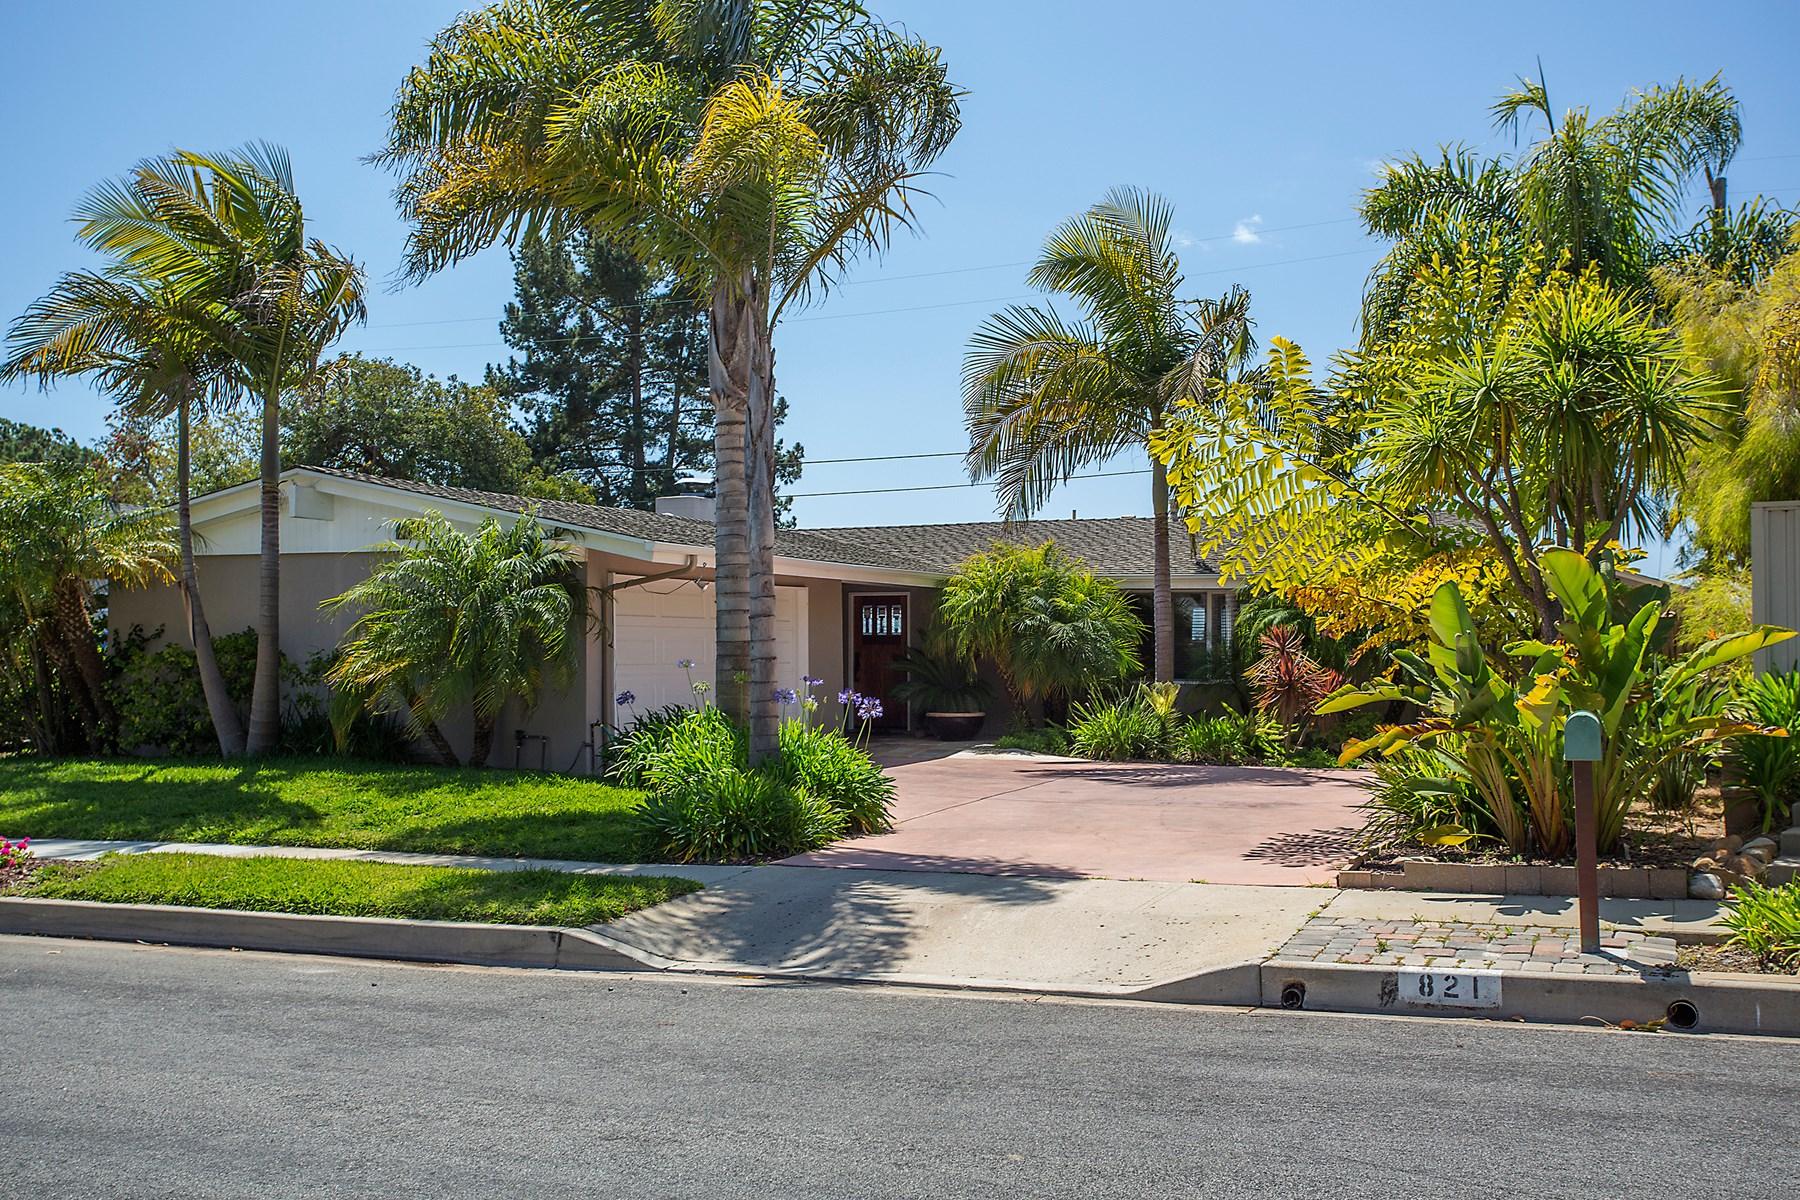 独户住宅 为 销售 在 Tranquility on the Mesa 821 Margo Street 圣巴巴拉市, 加利福尼亚州, 93109 美国